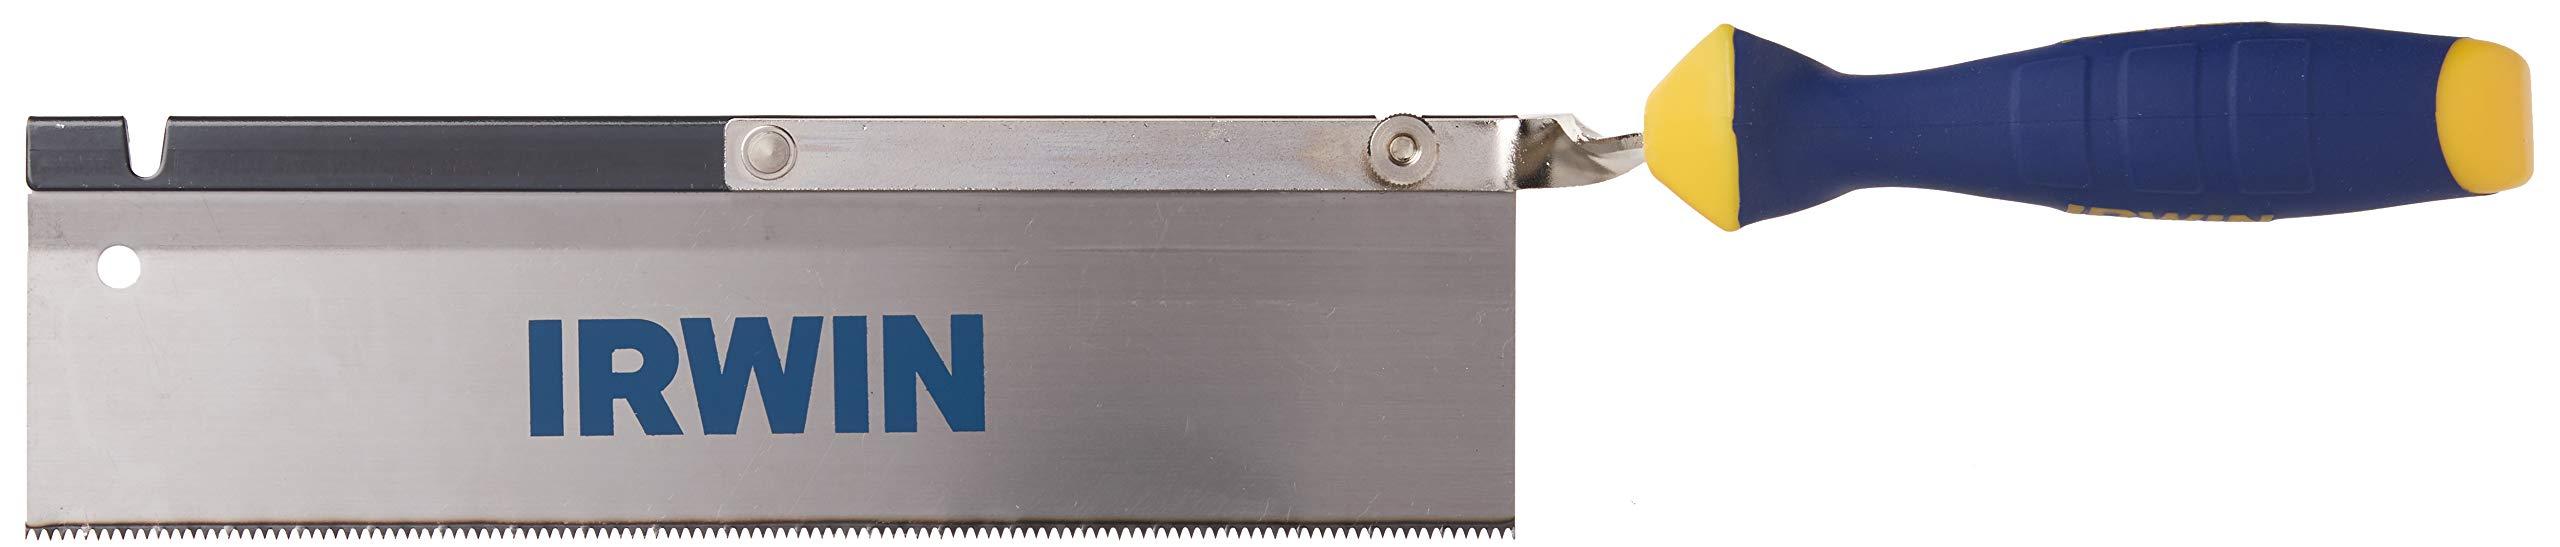 IRWIN Dovetail Saw, 10-Inch (2014450)